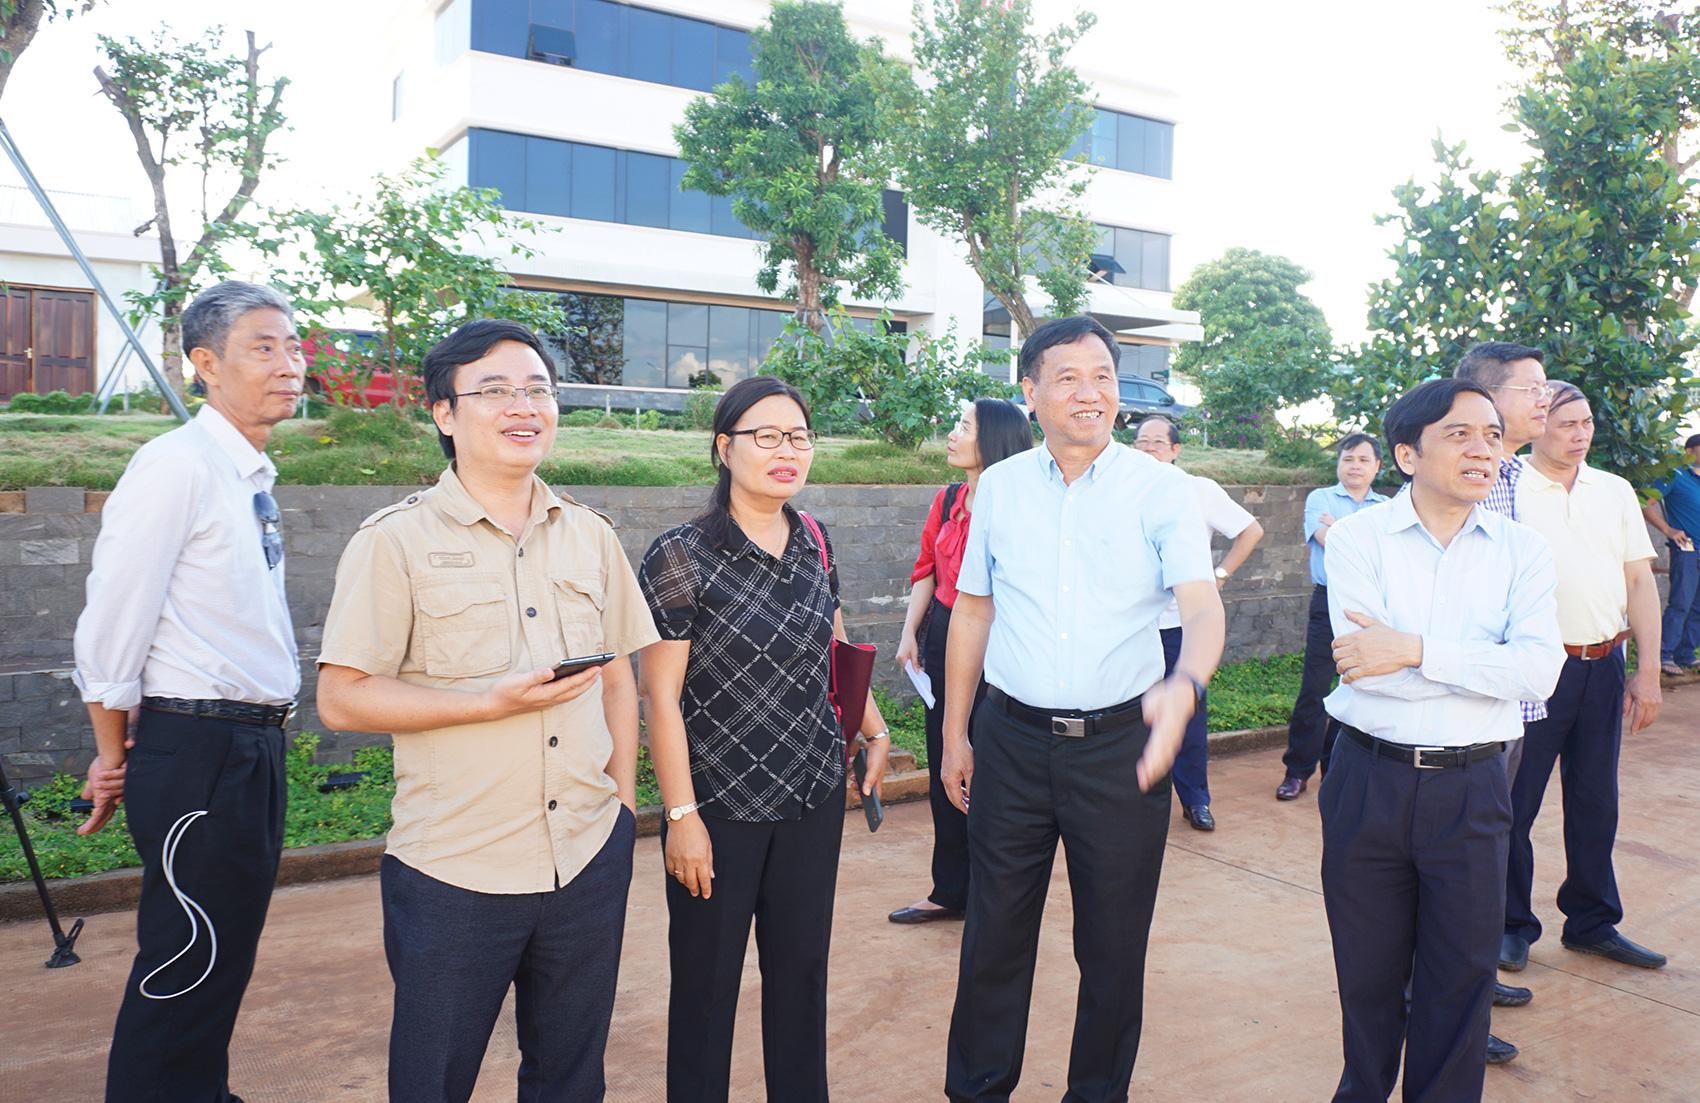 Ông Đinh Cao Khuê - Chủ tịch HĐQT Doveco hướng tới nâng tầm giá trị cây chanh leo - Ảnh 5.